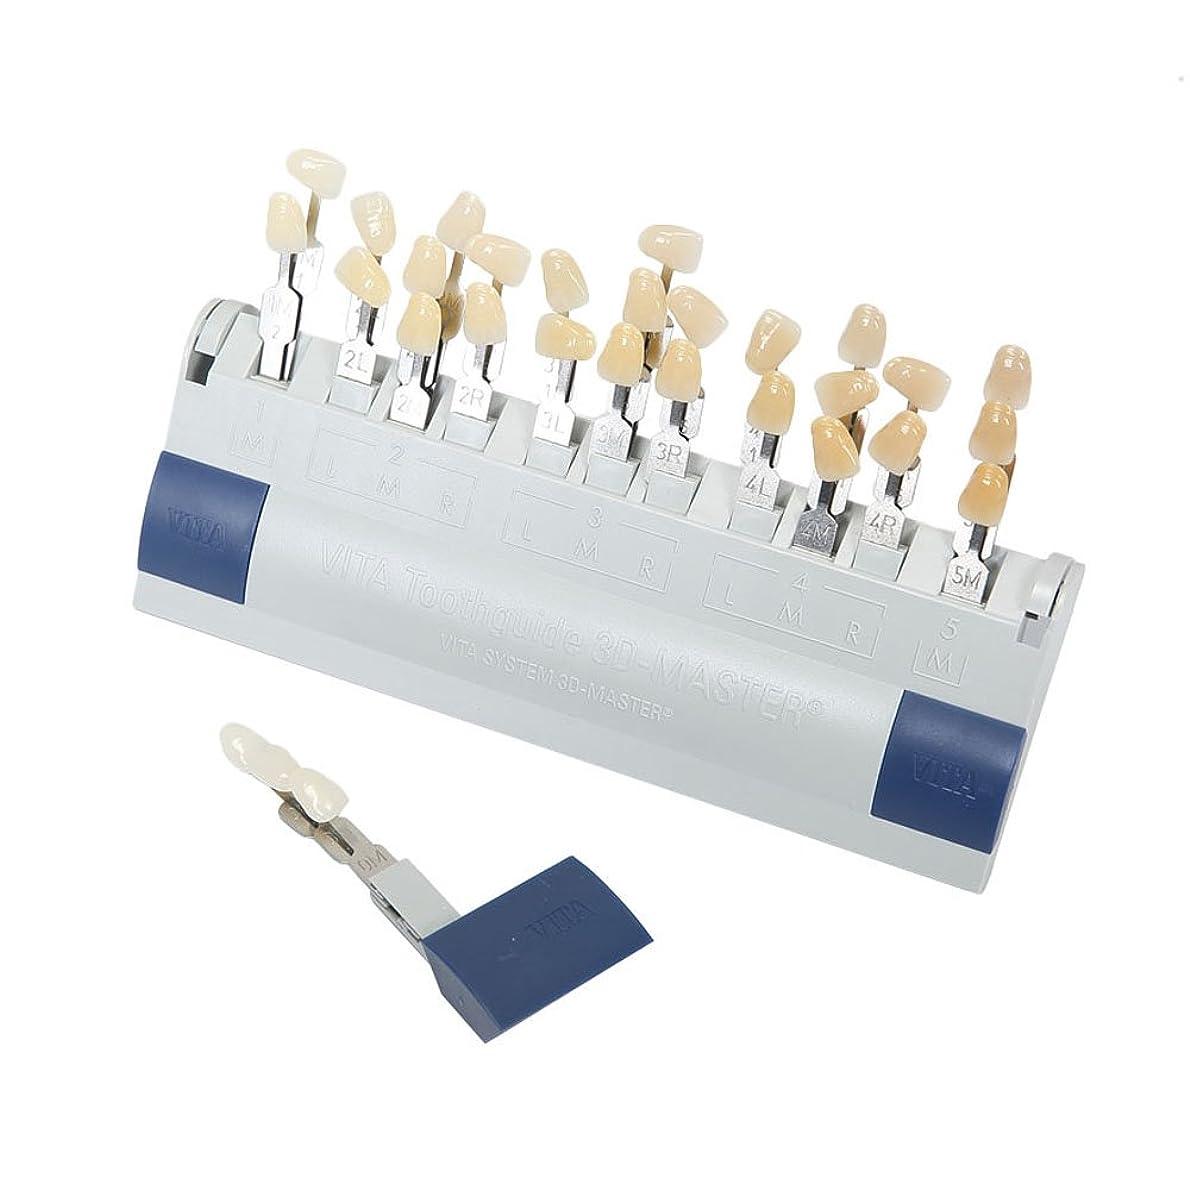 理論的バリー回答VITA 歯科ホワイトニング シェードガイド 29色 3D 歯列模型ボード